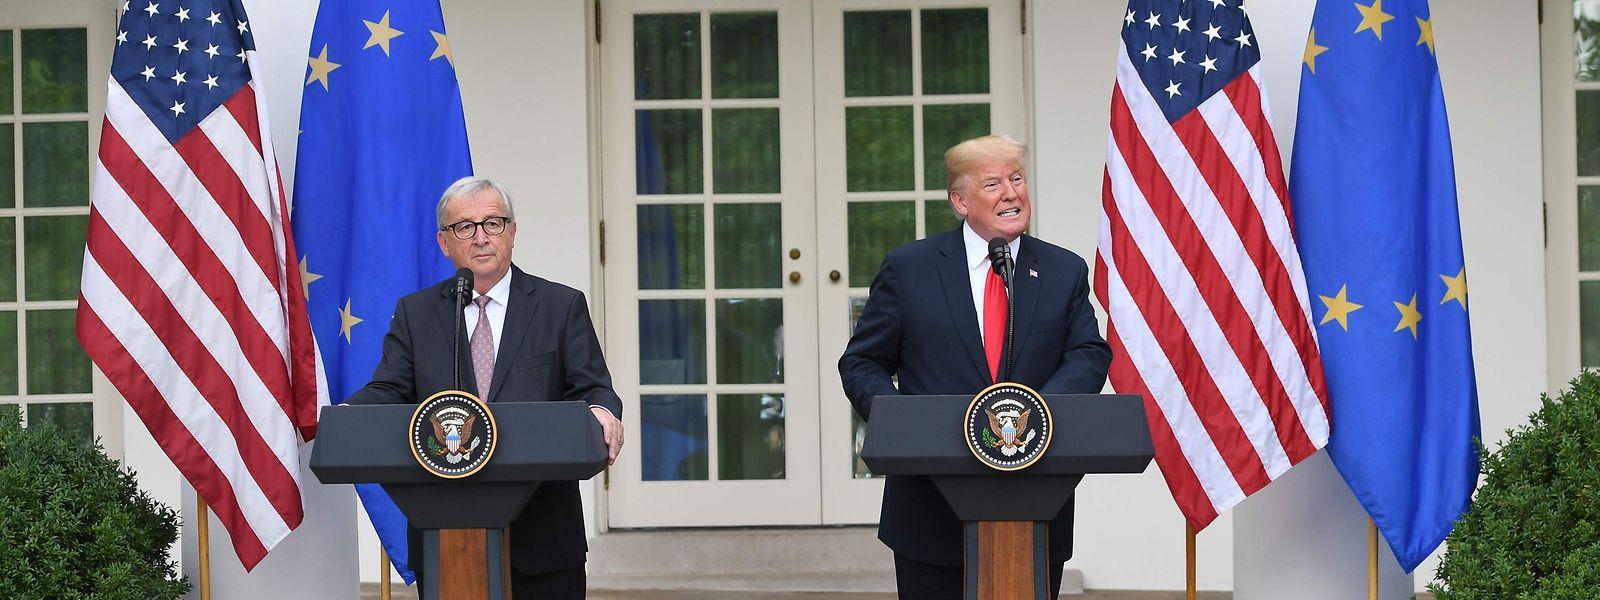 Die beiden Präsidenten bei der gemeinsamen Pressekonferenz nach ihrem Treffen.